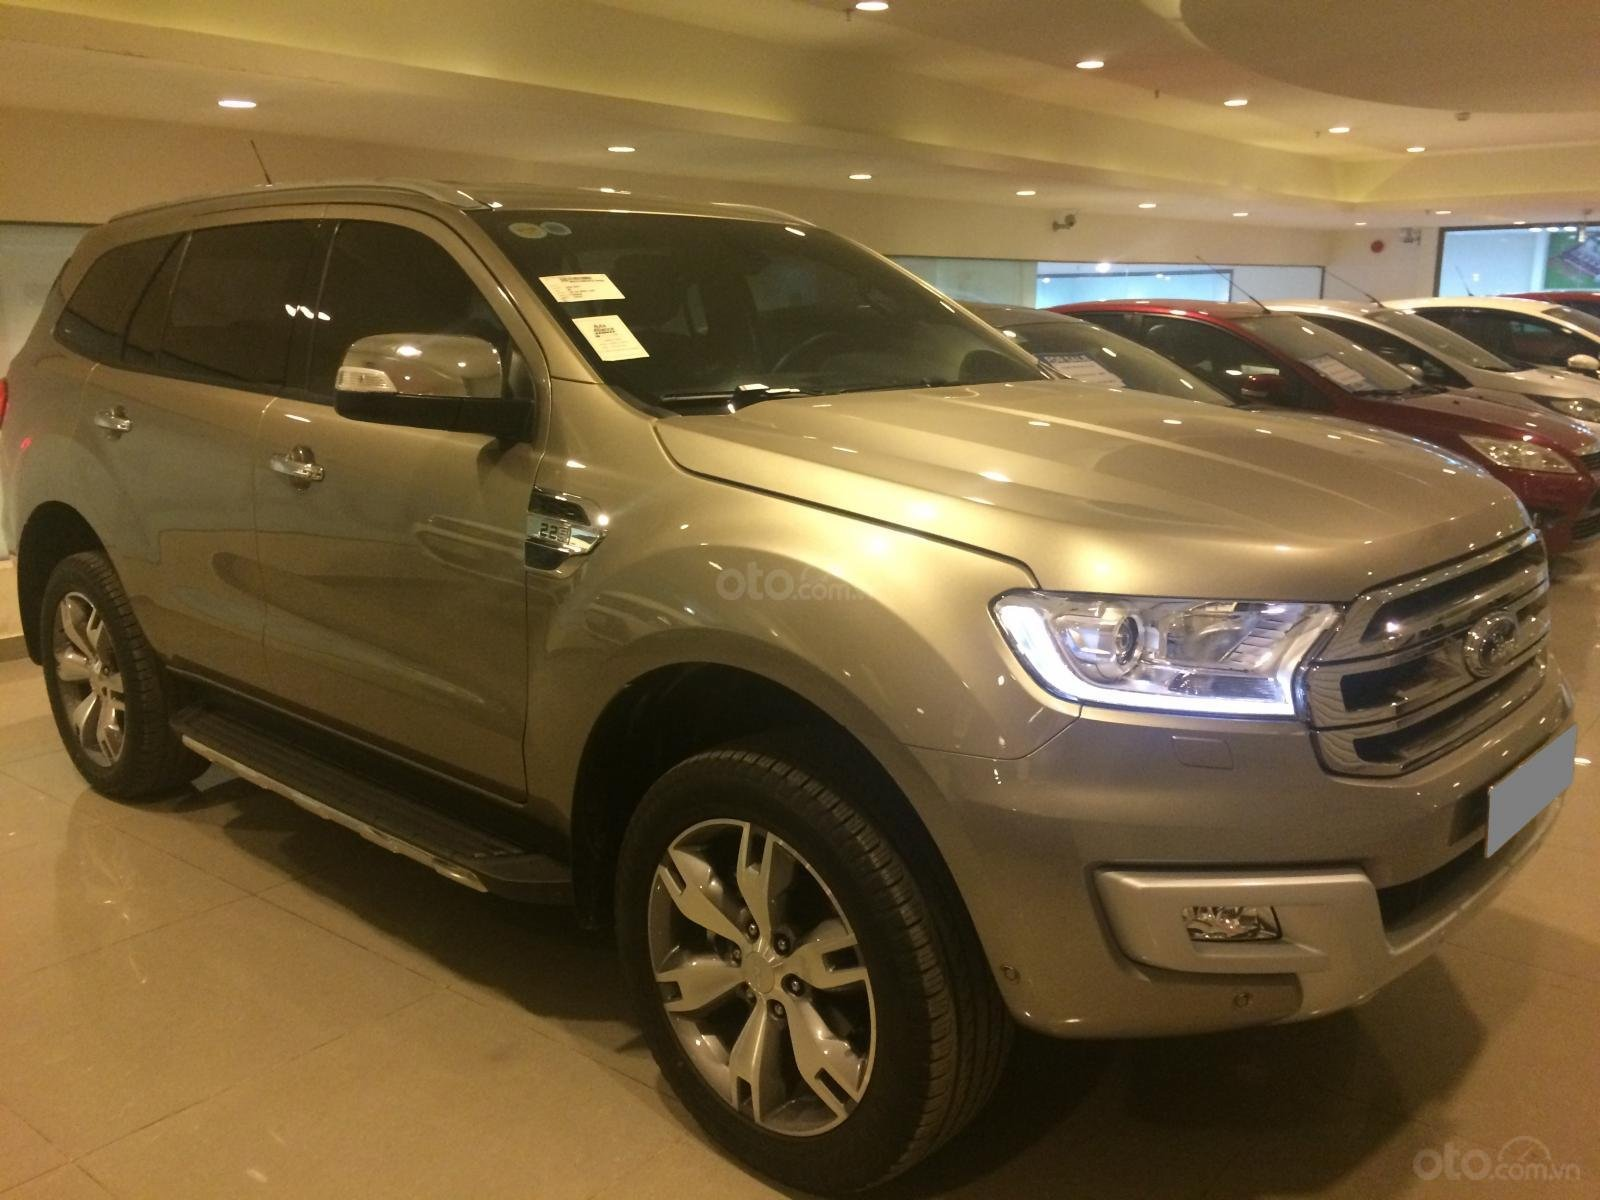 Bán Ford Everest Titanium 2016, xe bán và bảo hành tại Ford, hỗ trợ trả góp-1